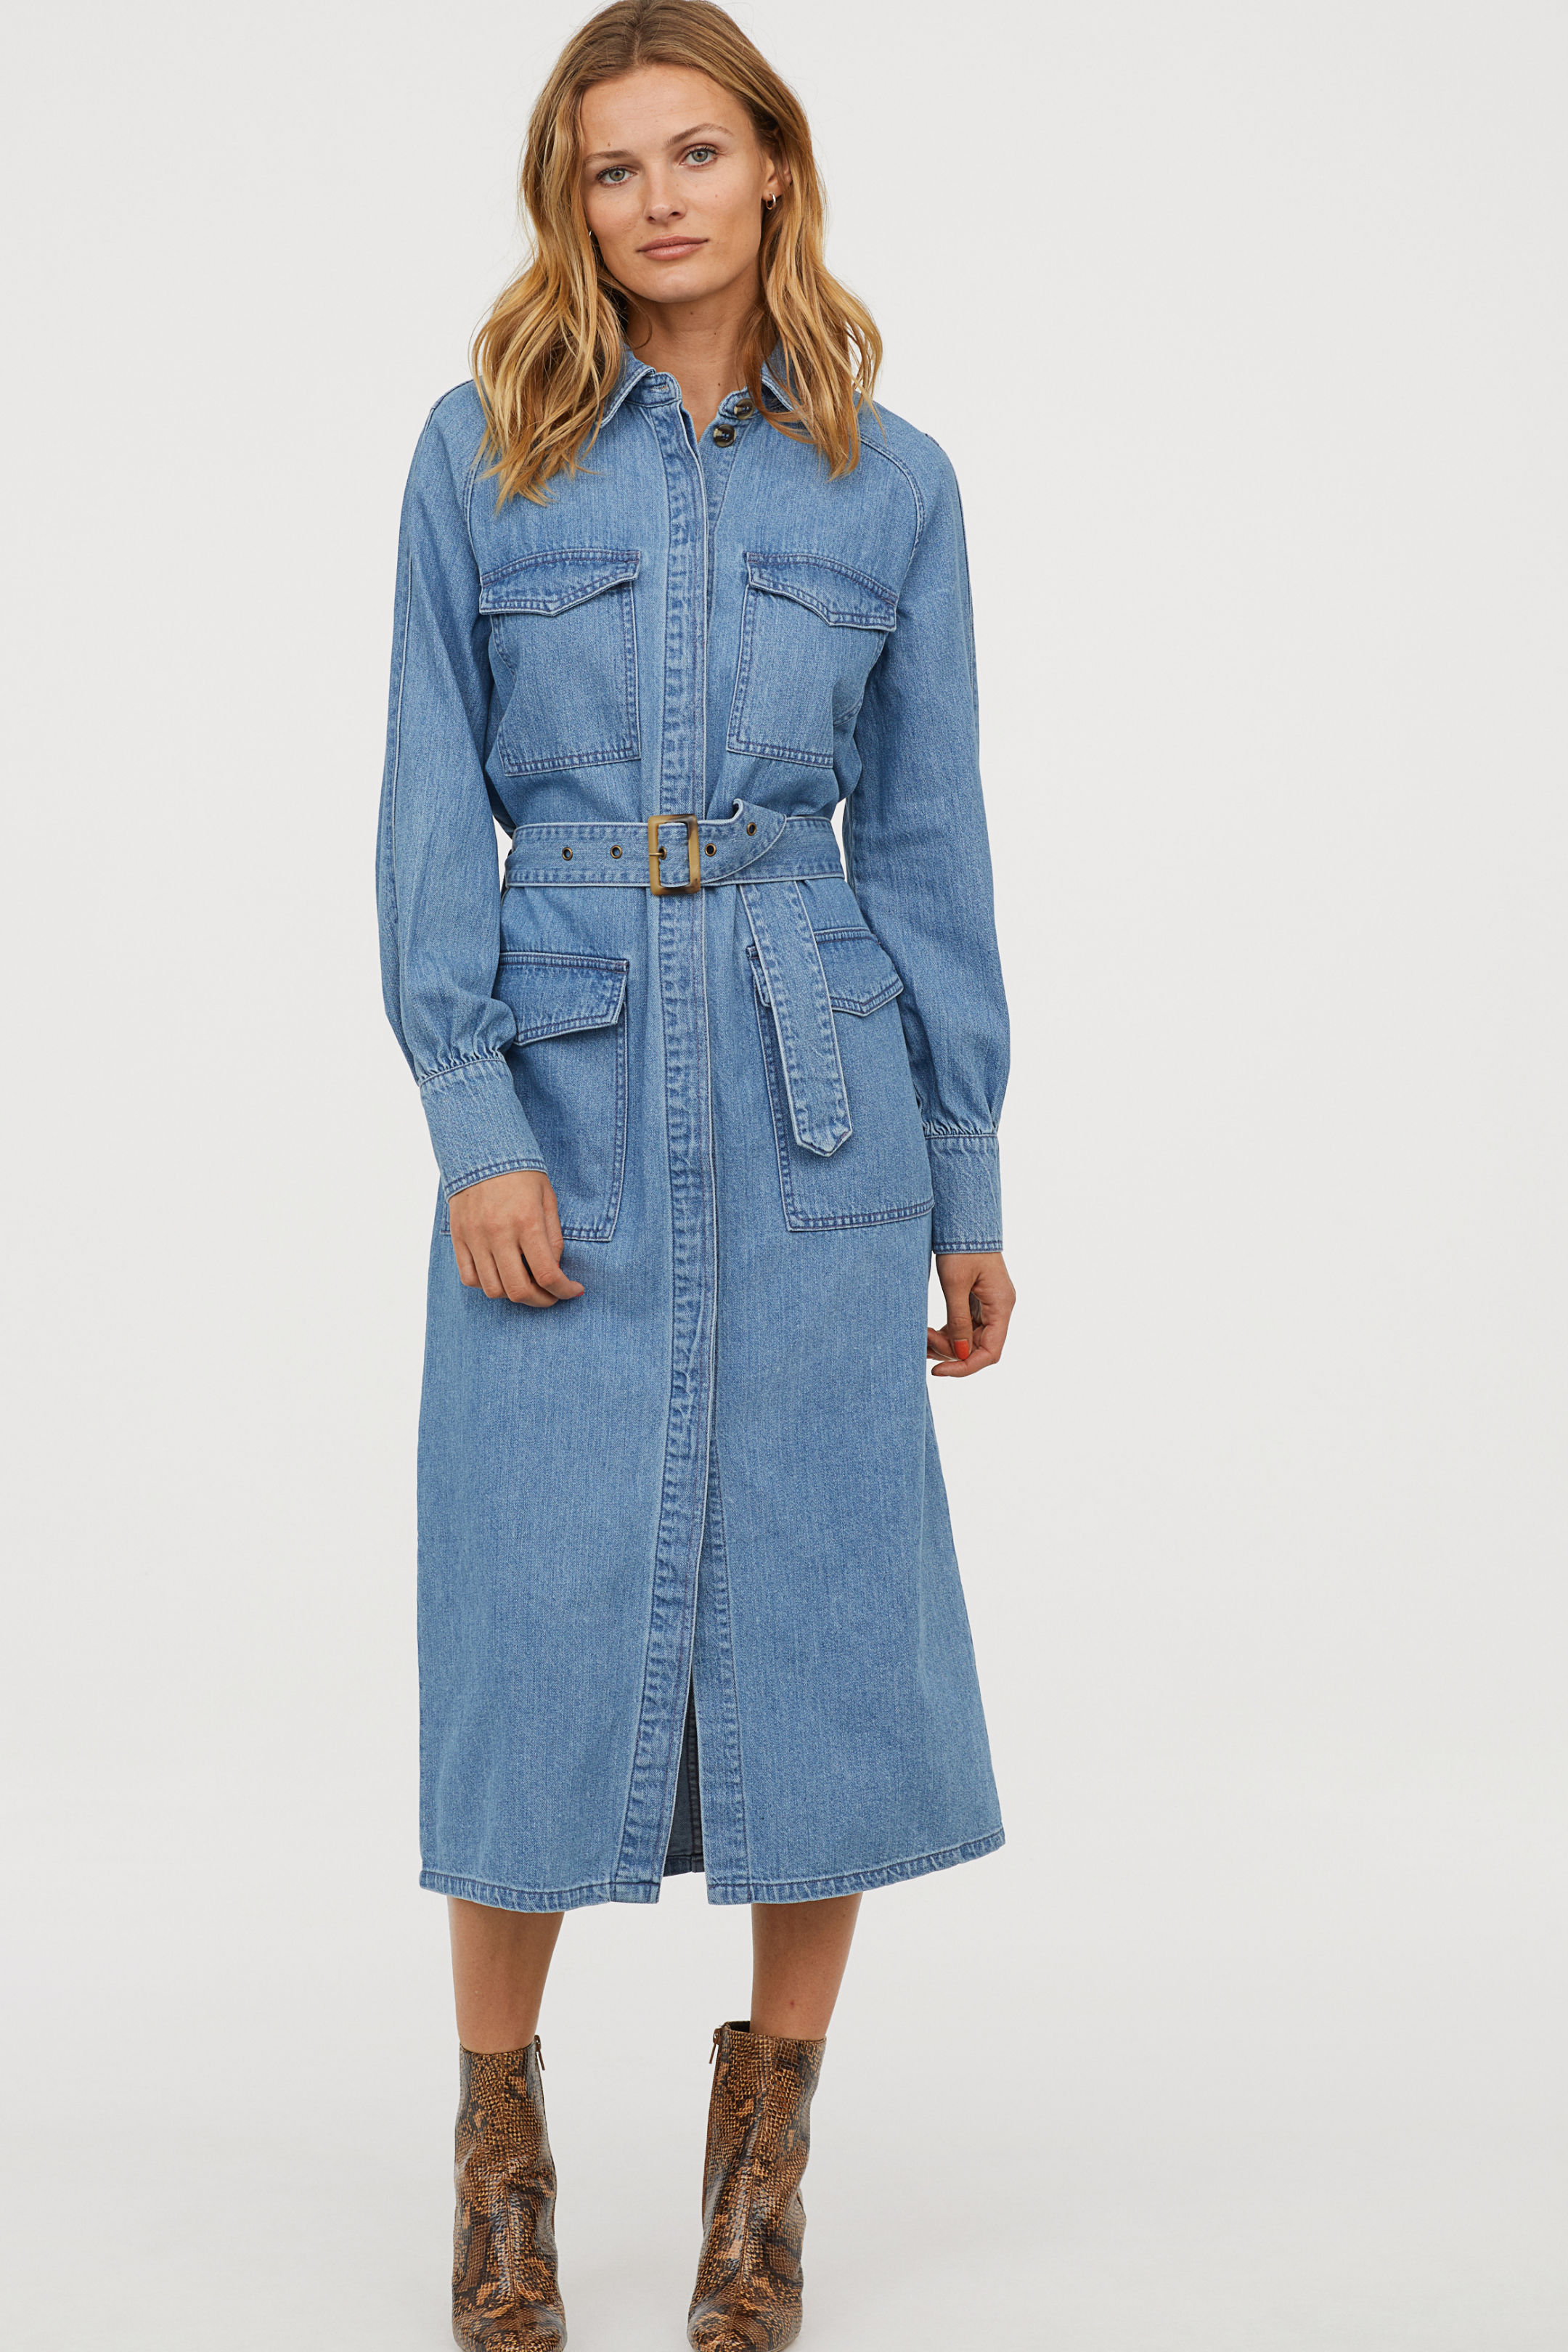 d10e5ab104f8 Jaja den här svincoola jeansklänningen från H&M kanske gränsar 80-tal men  samtidigt tycker jag den skriker småbarnsmamma handlar på Ellos 1991?